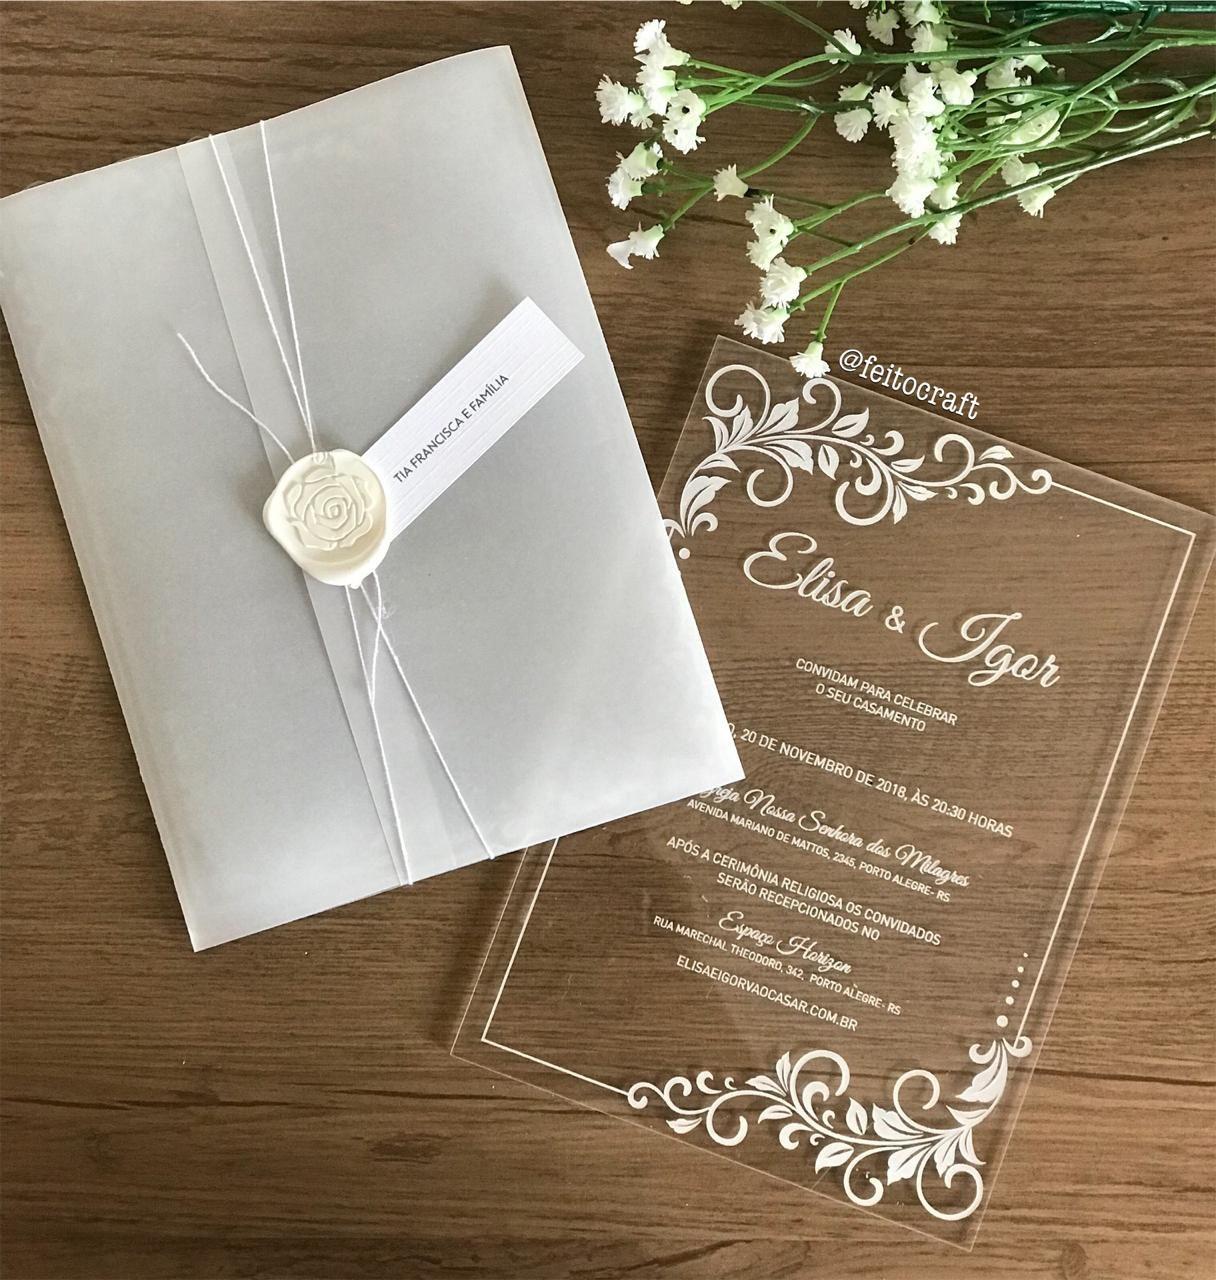 Acrílico no casamento: dicas para usar o material na decoração